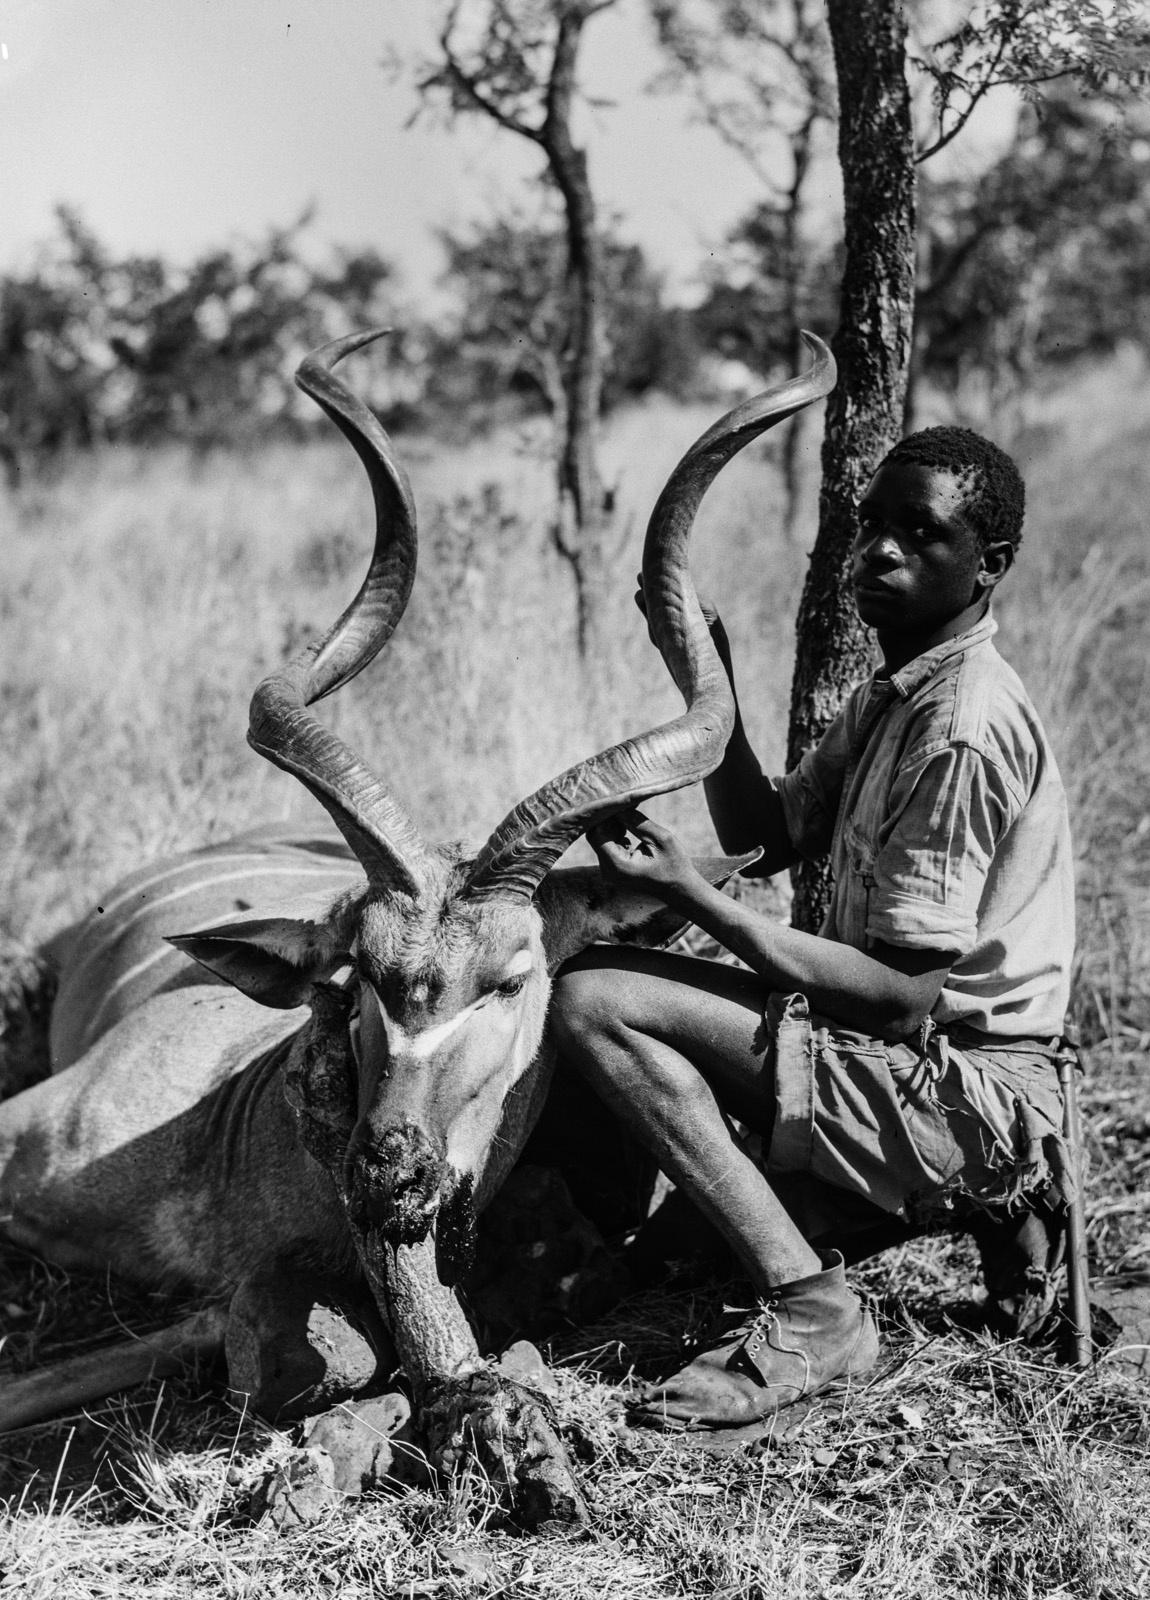 Бечуаналенд. Убитая антилопа куду и местный житель